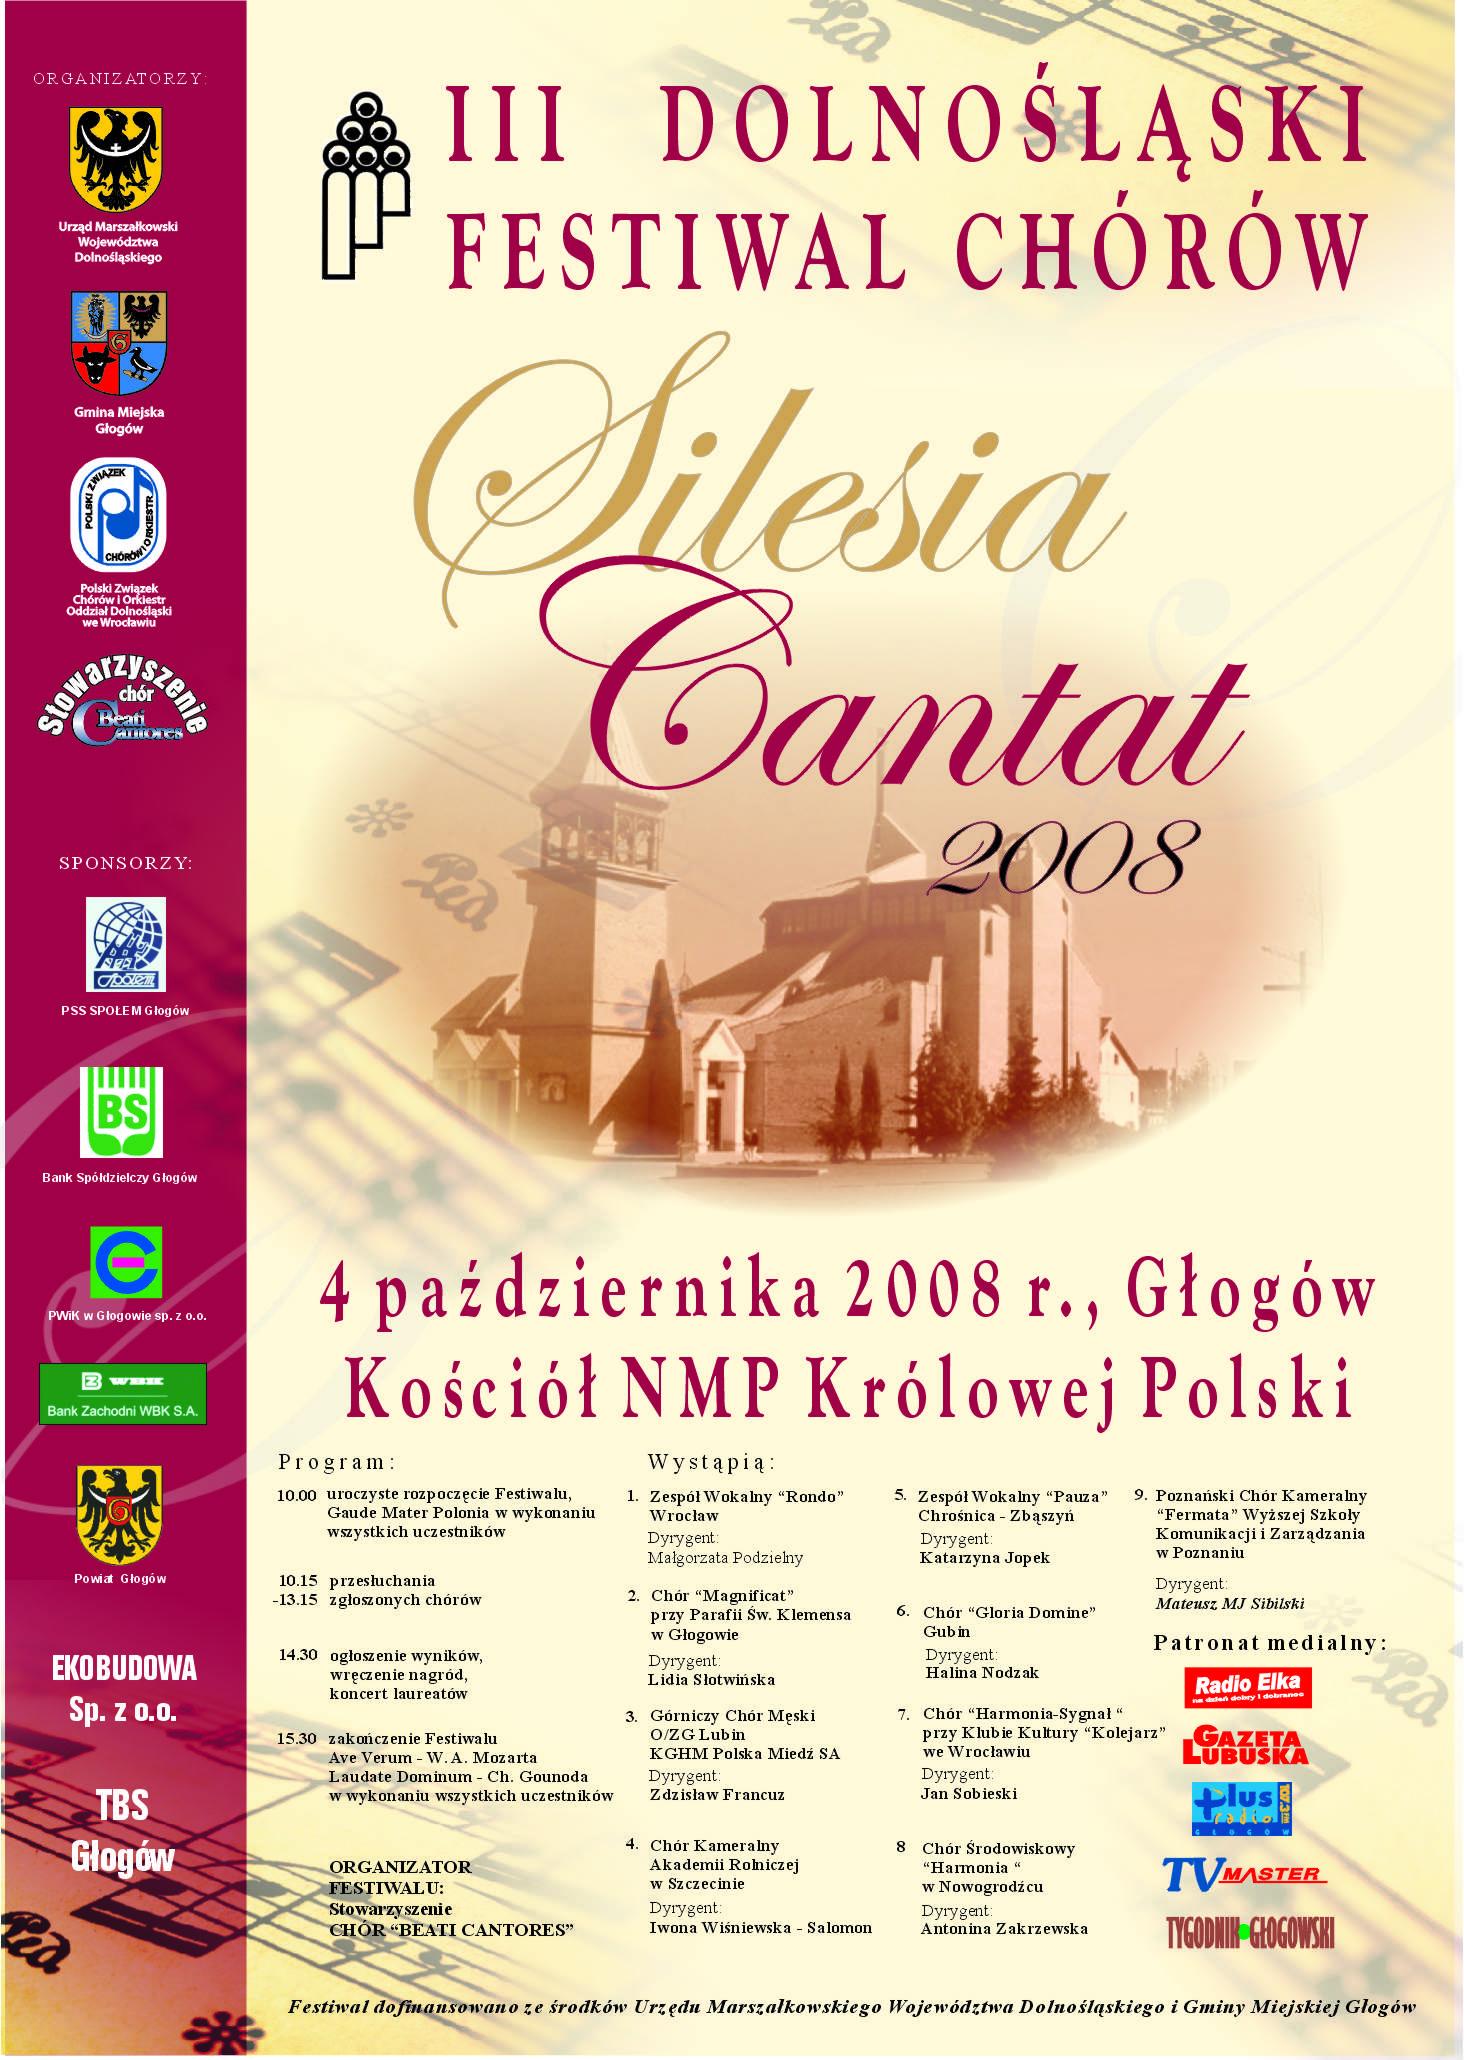 Silesia Cantat 2008